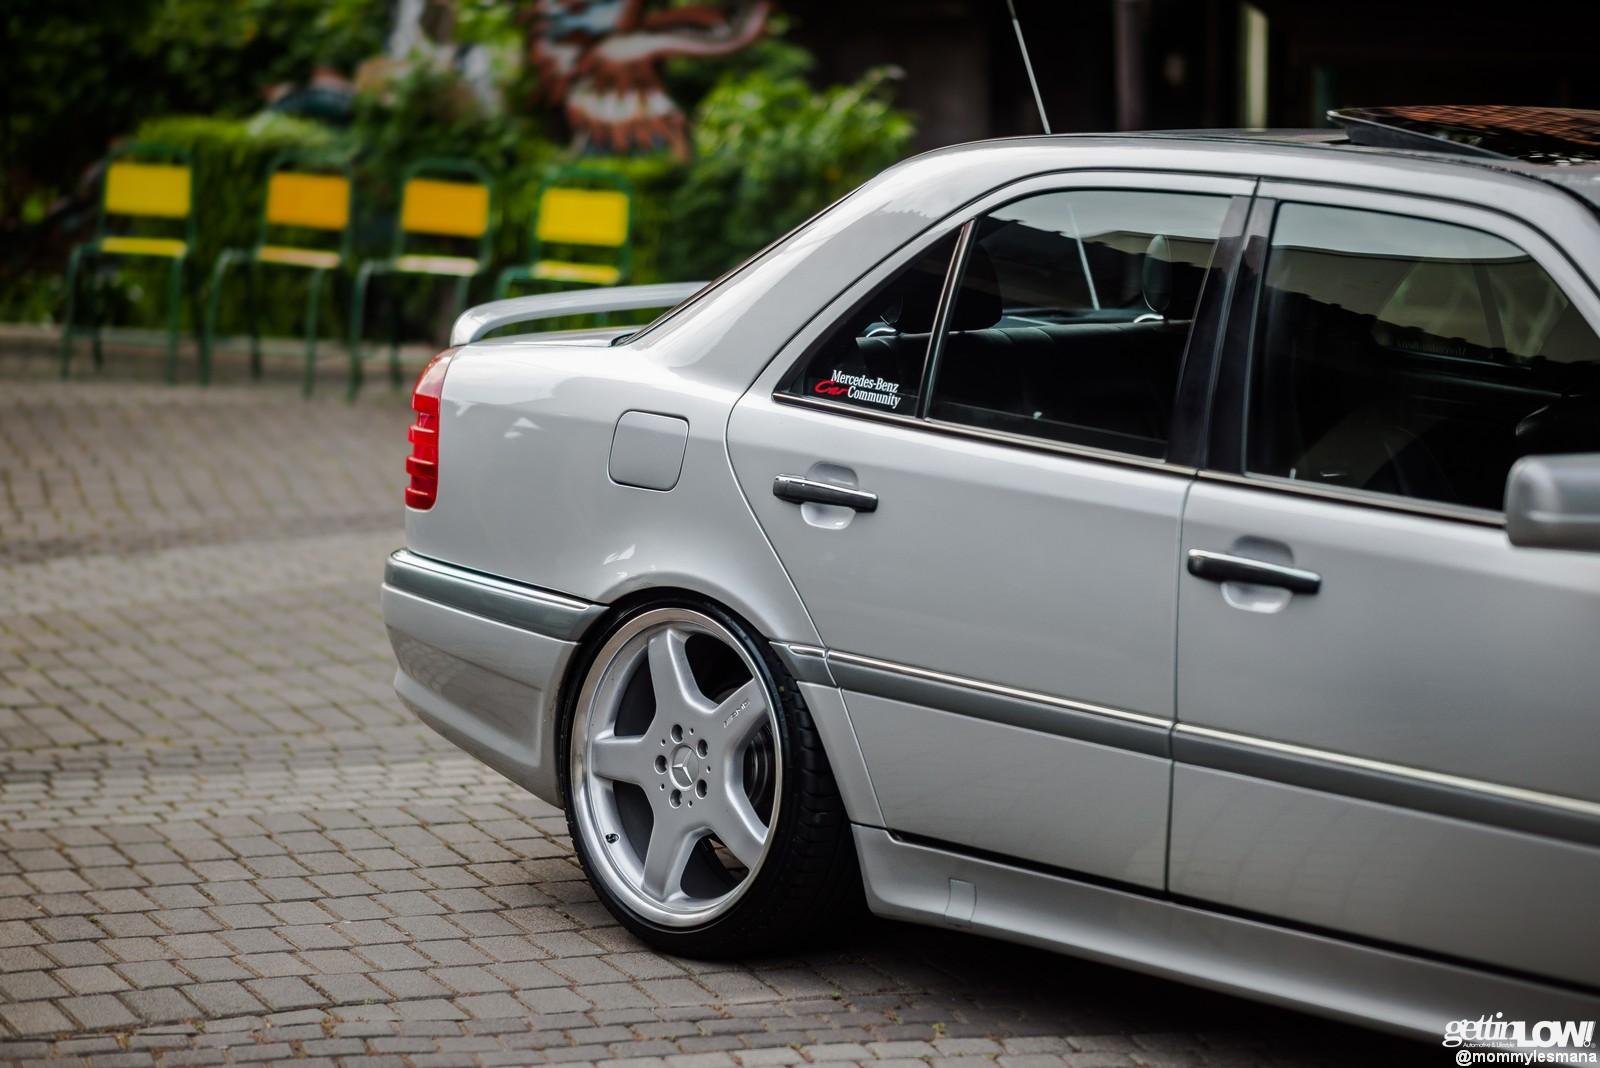 GETTINLOW | Trey Coesno: 1995 Mercedes-Benz W202-C200 Full AMG